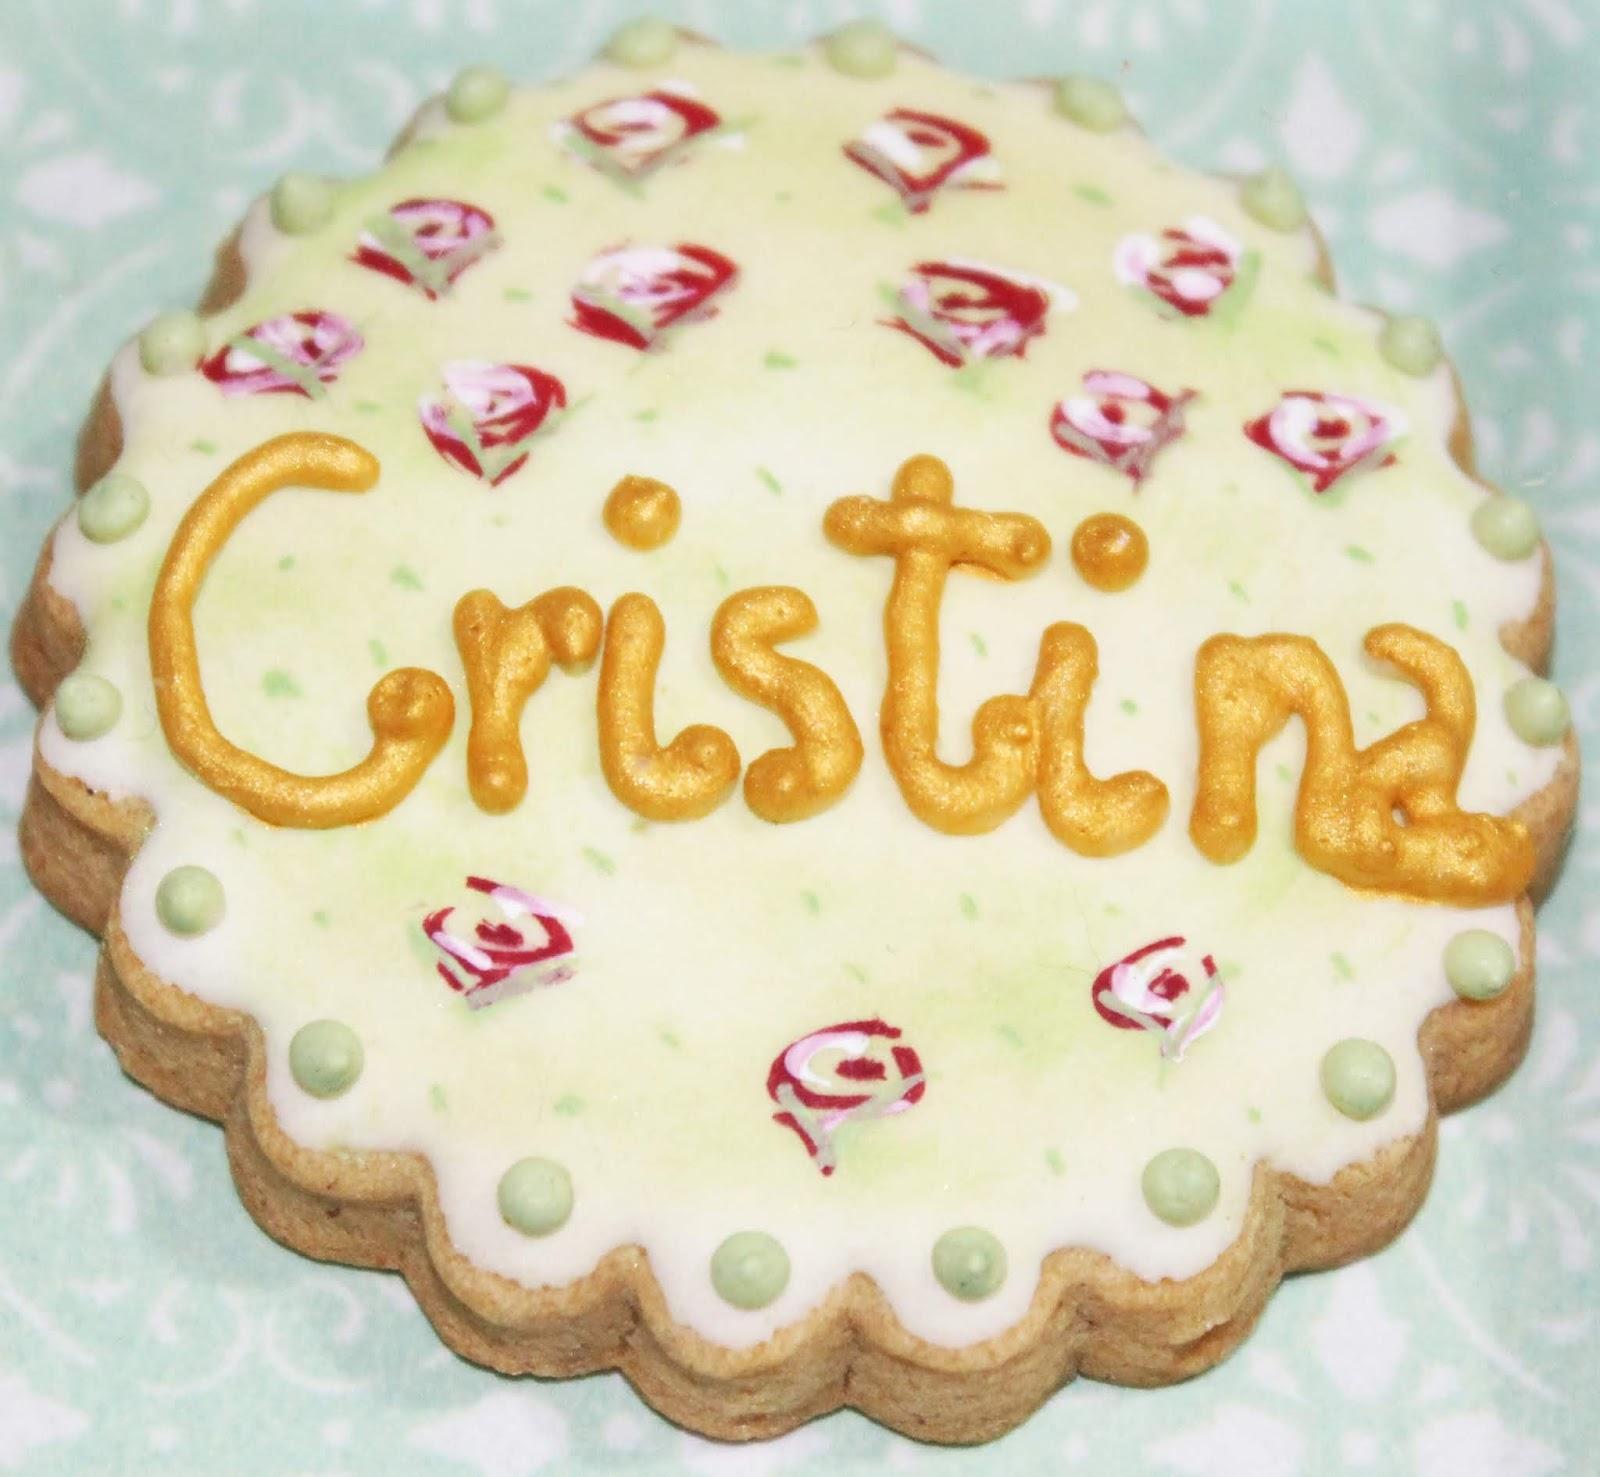 CRISTINA-GALLETA-PINTADA-SOBRE-GLASA-REAL